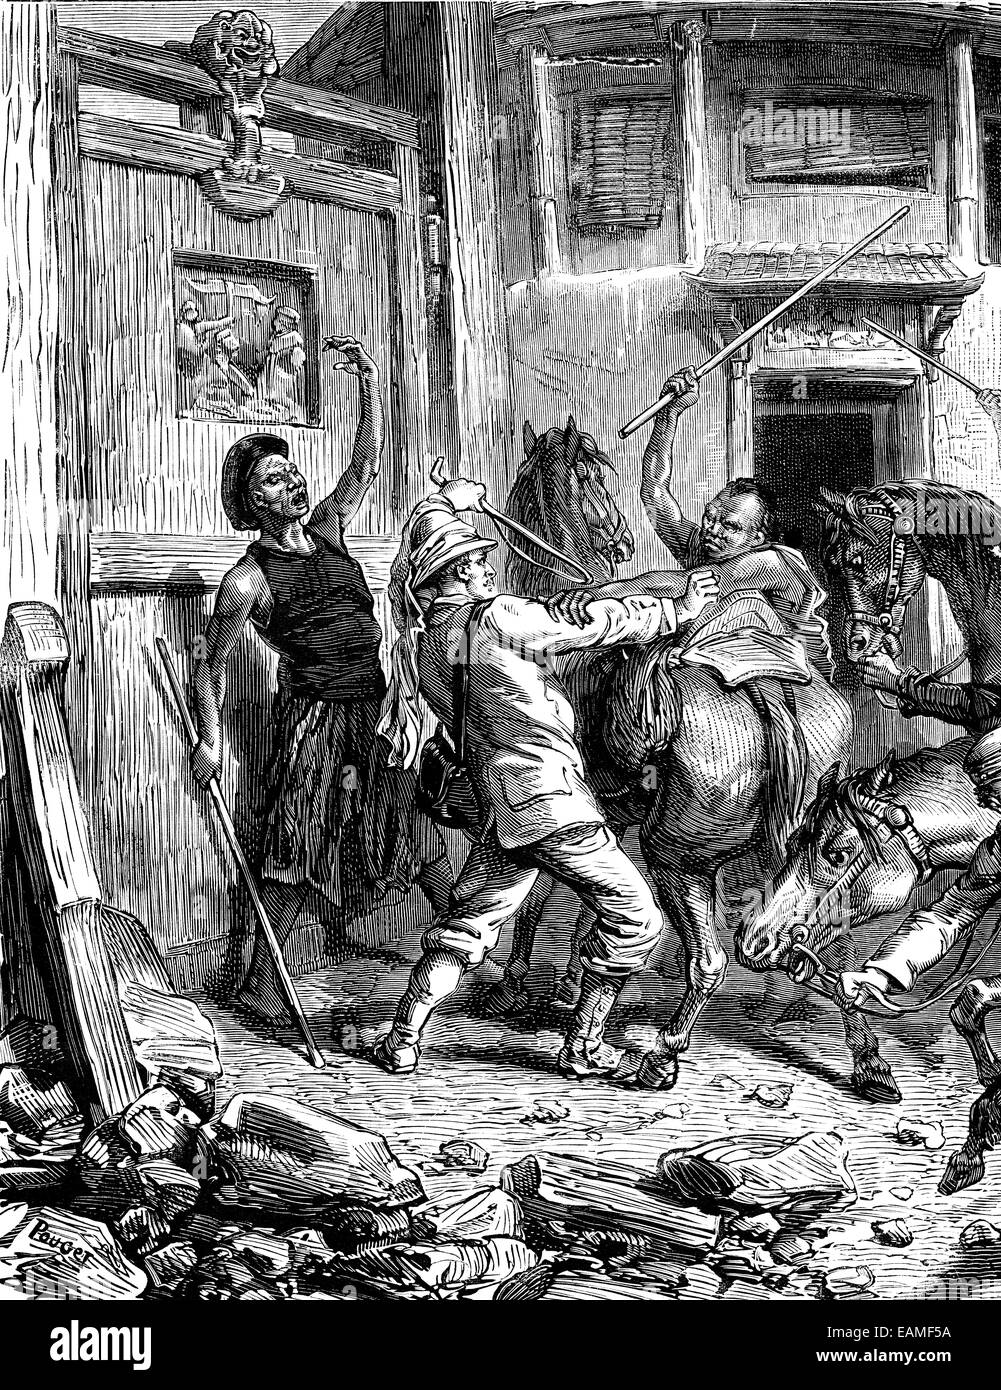 Attack In Mongolia, vintage engraved illustration. Journal des Voyages, Travel Journal, (1879-80). - Stock Image